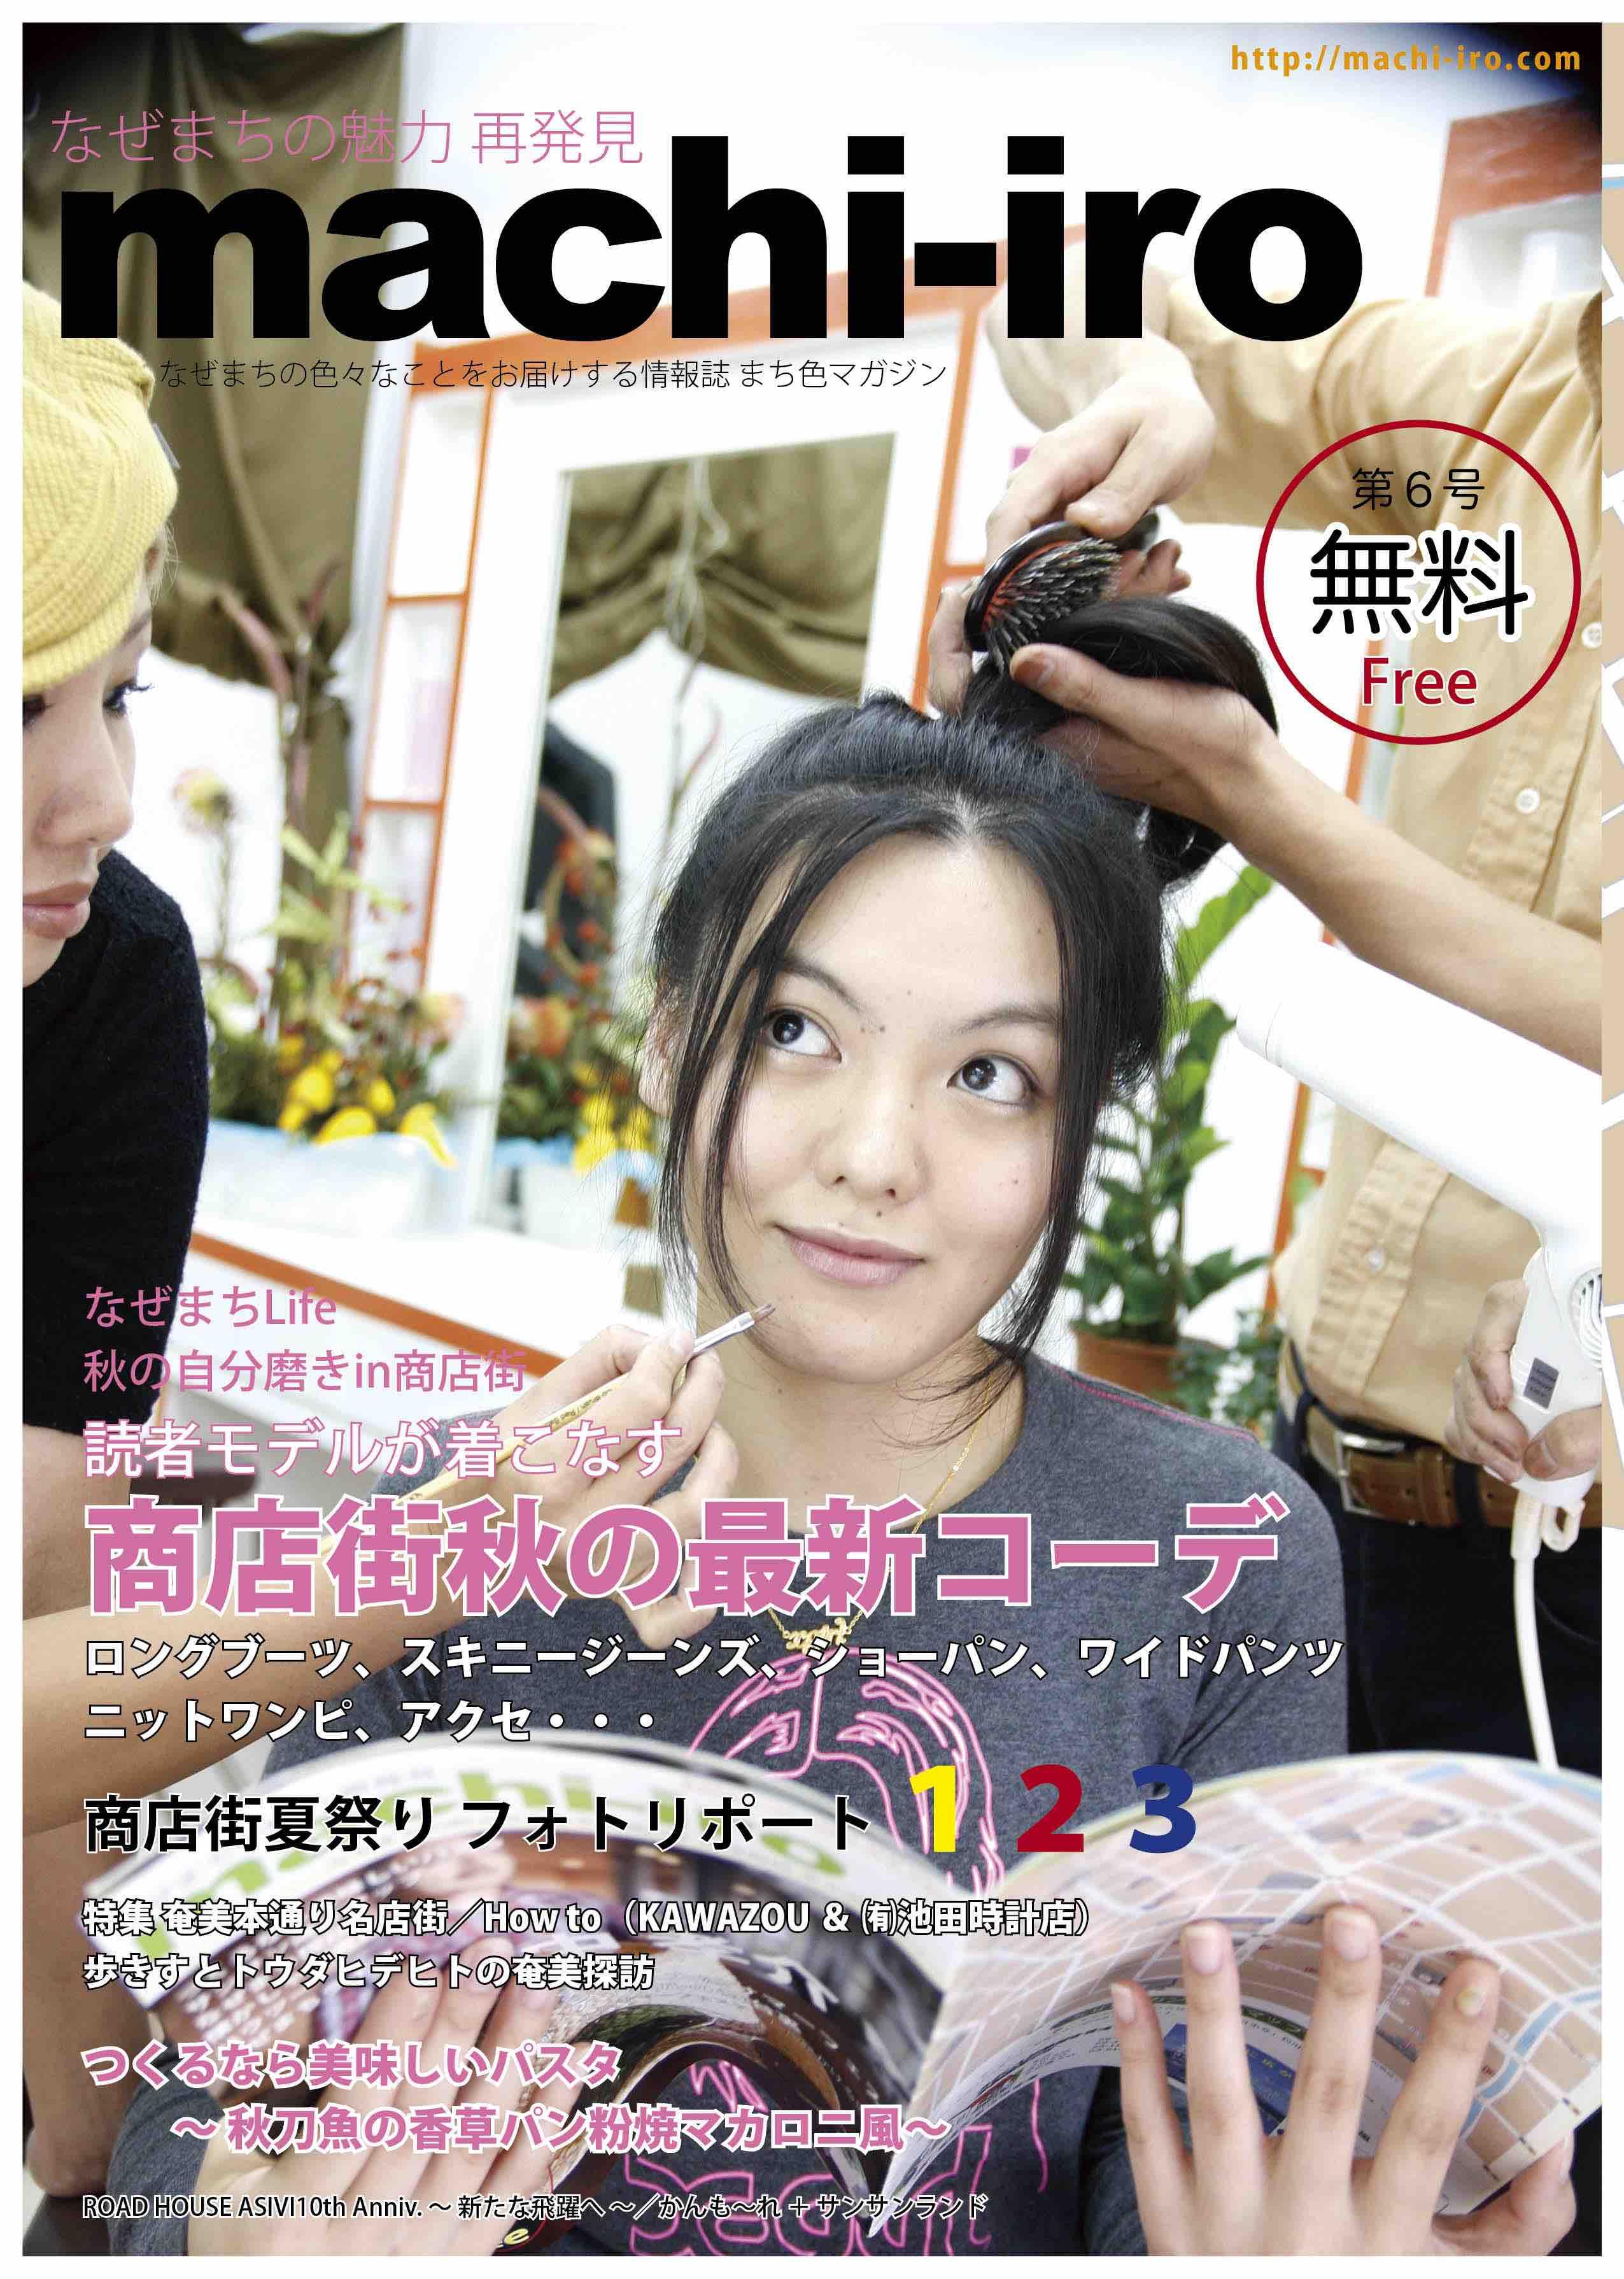 machi-iro magazine #06